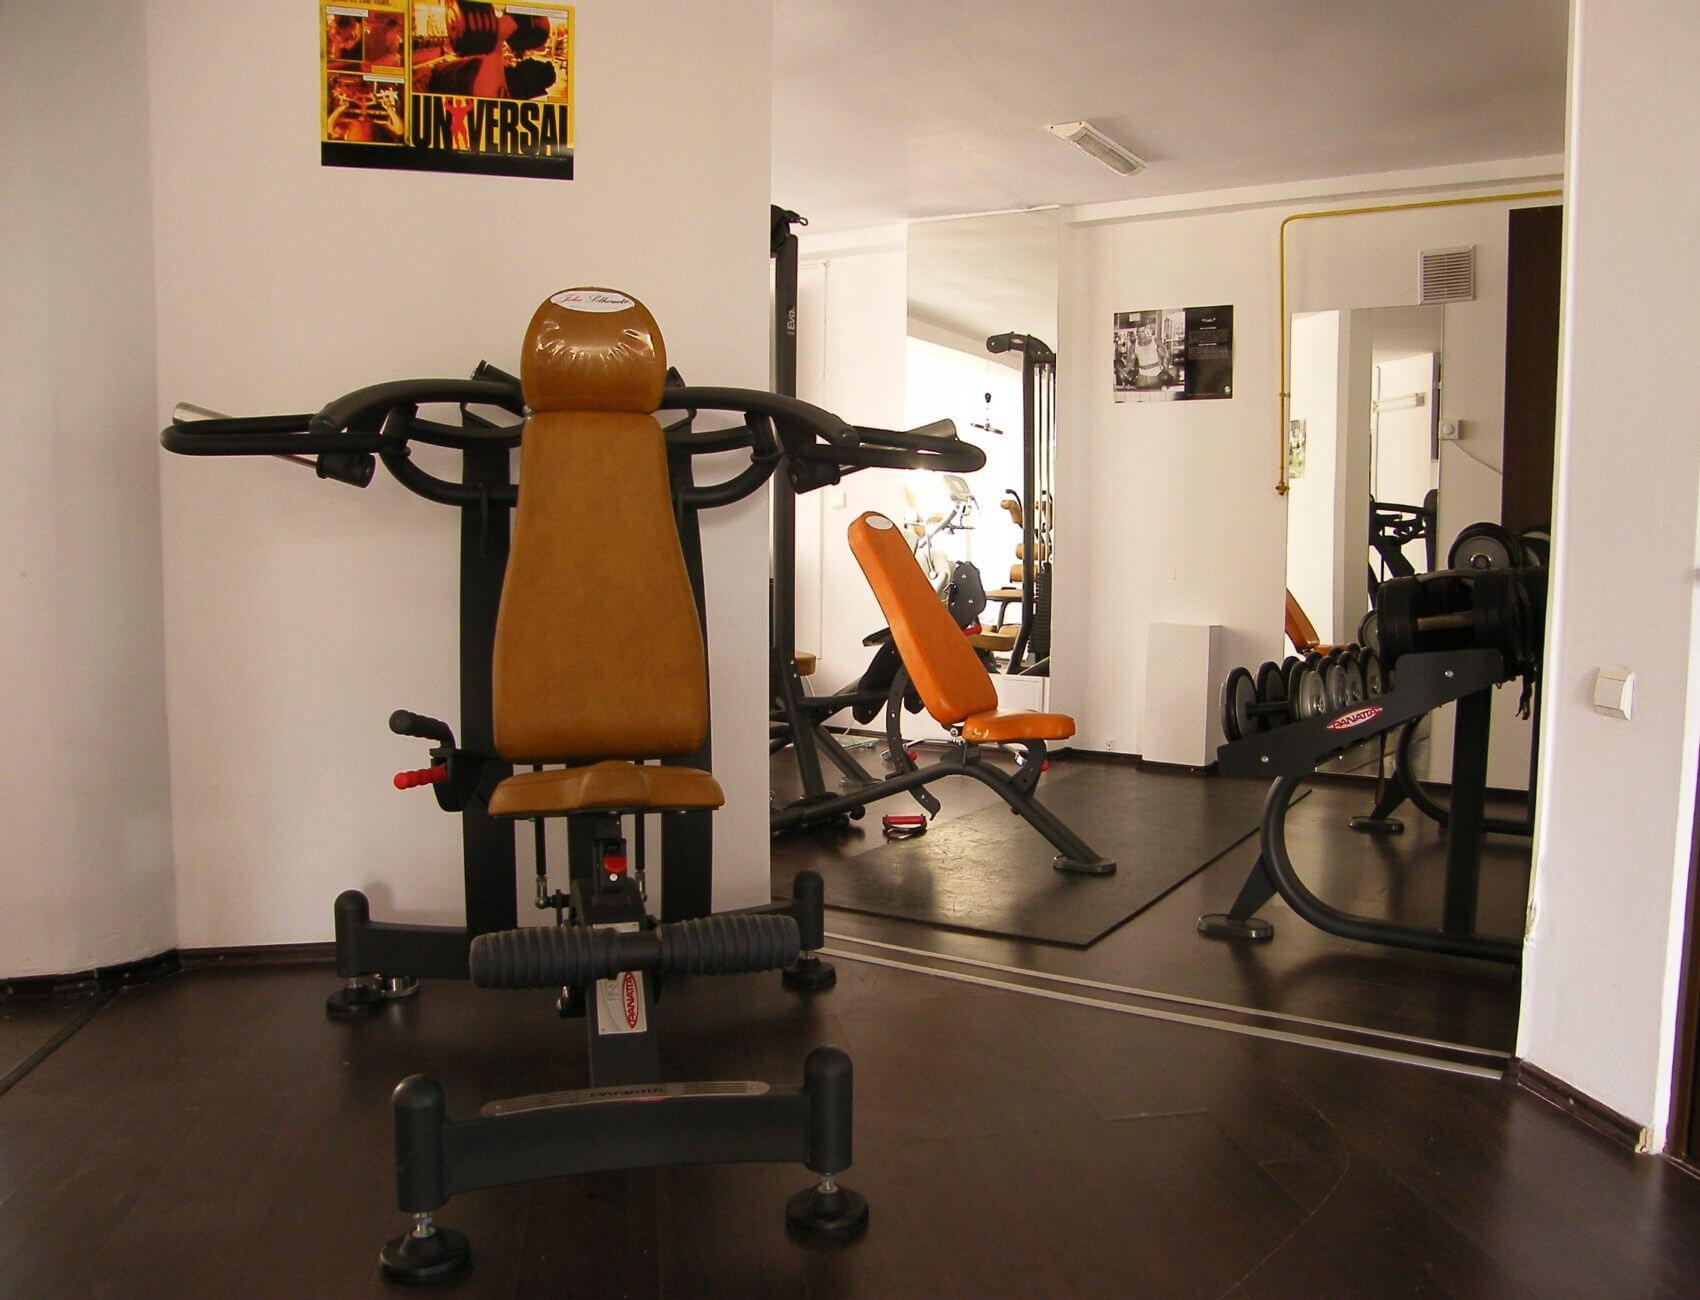 Galerie echipamente fitness 2018 - 14